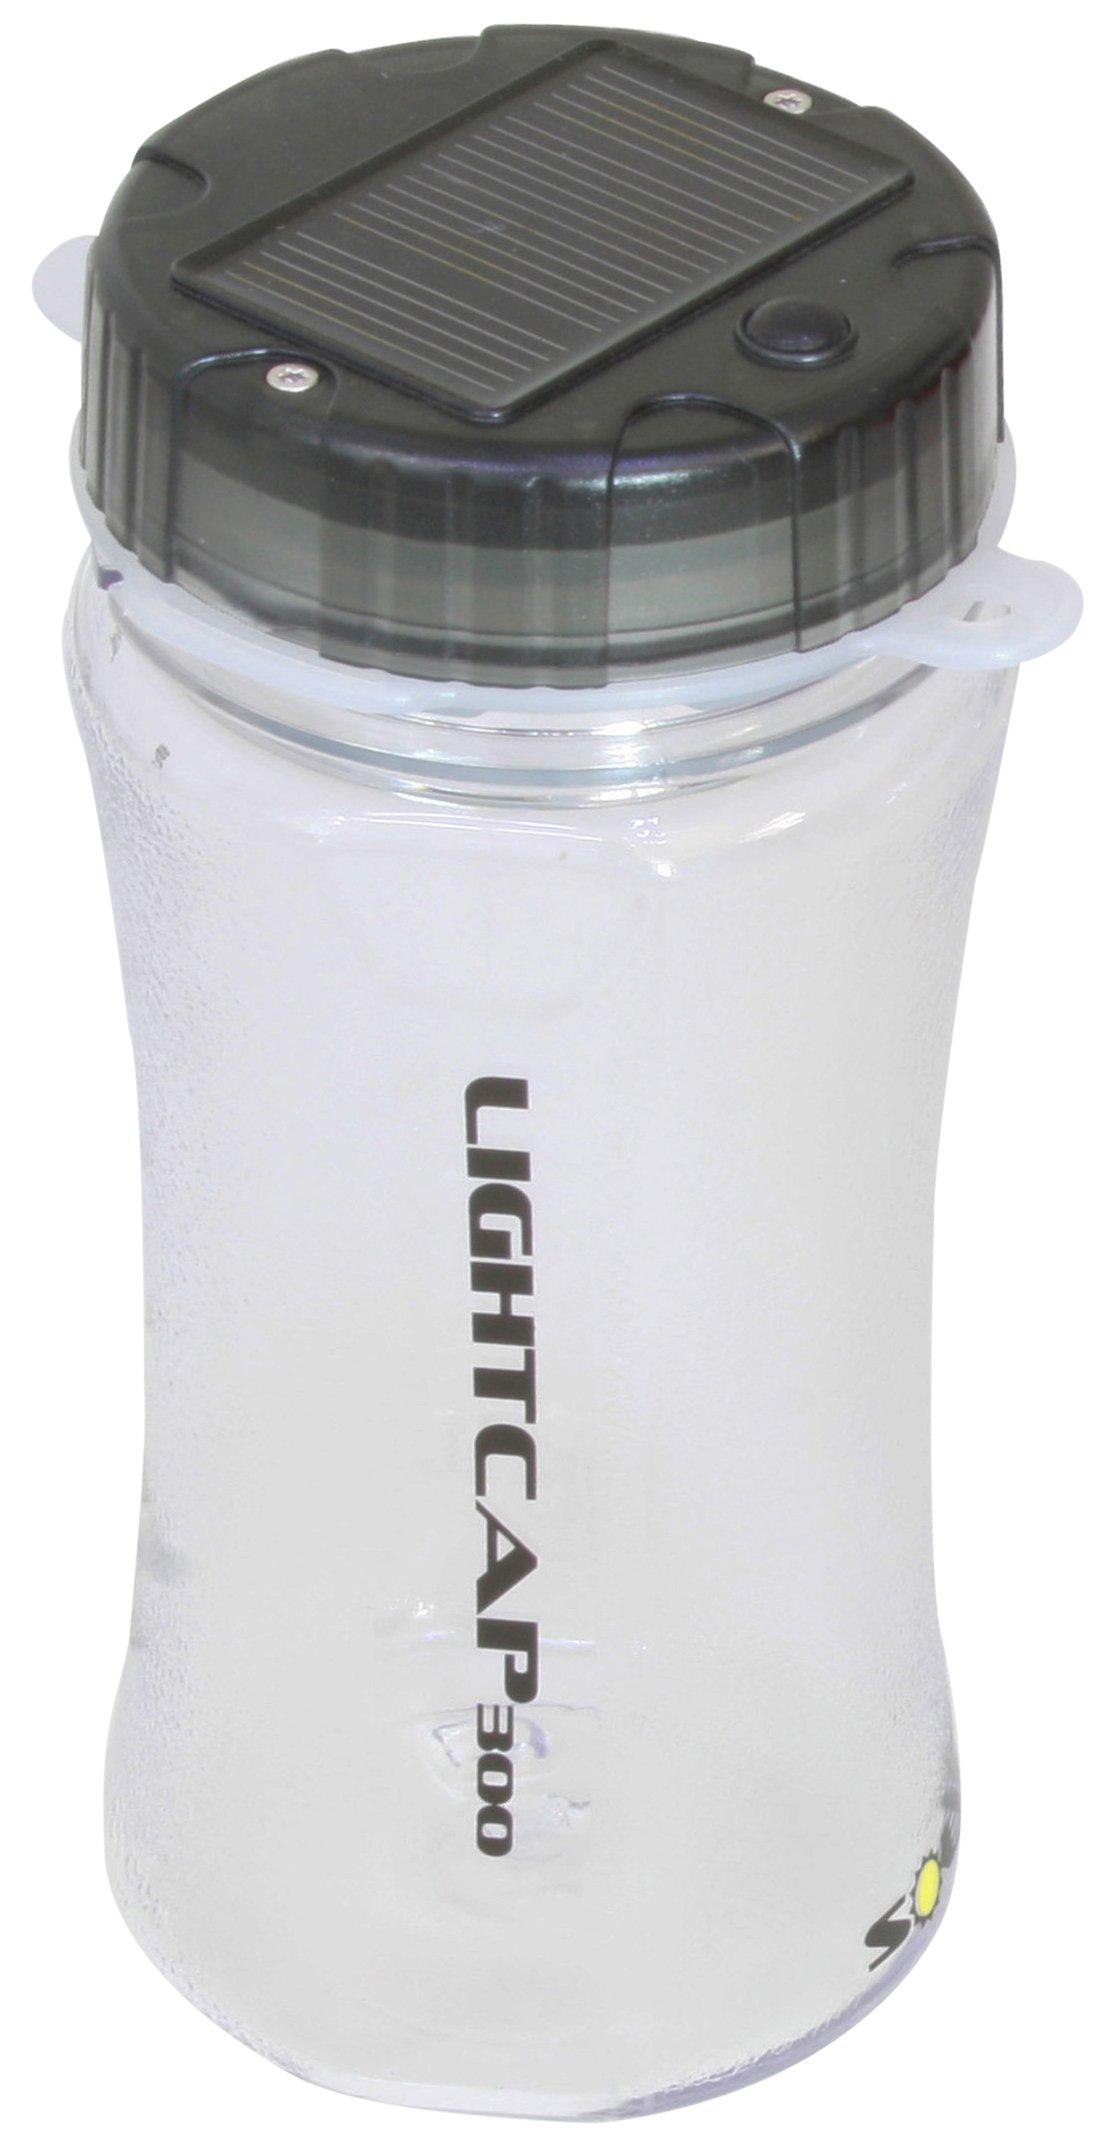 Davis Instruments LightCap 300 Red Bottle Cap